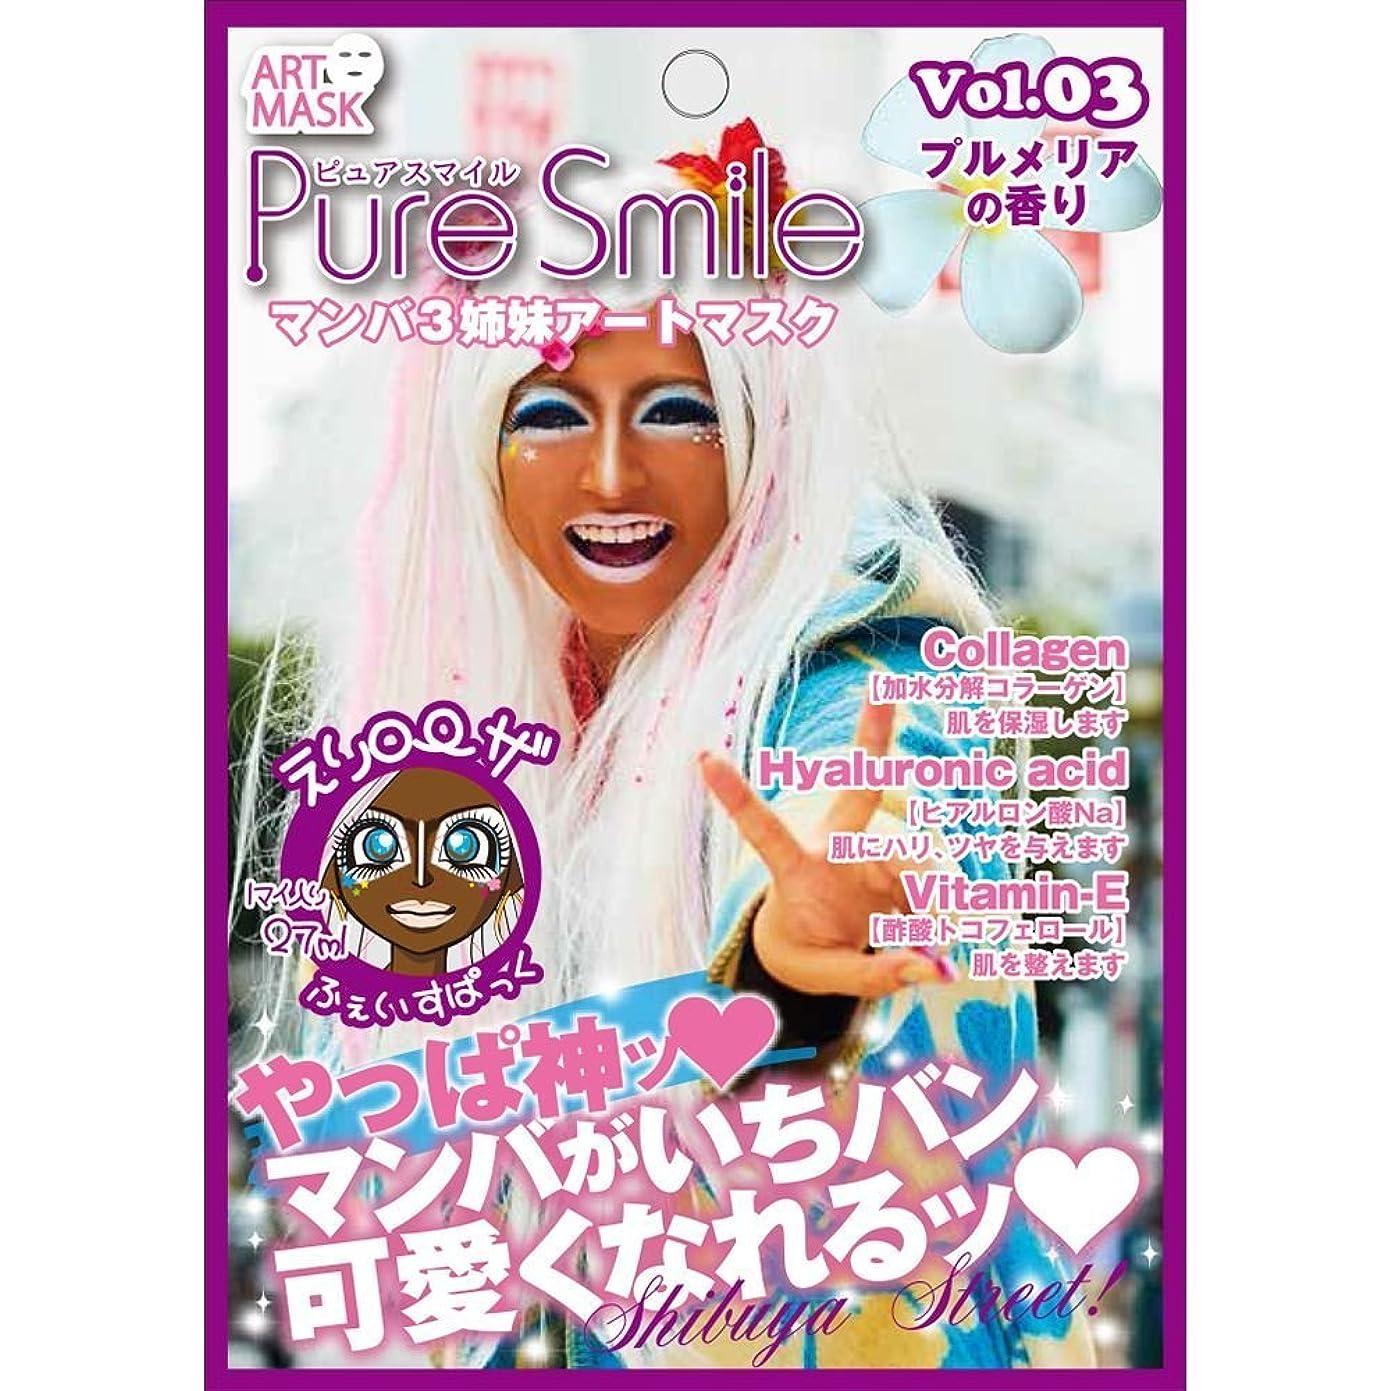 接続そのようなすりピュアスマイル 『マンバ3姉妹シリーズアートマスク』(えりローザ/プルメリアの香り)